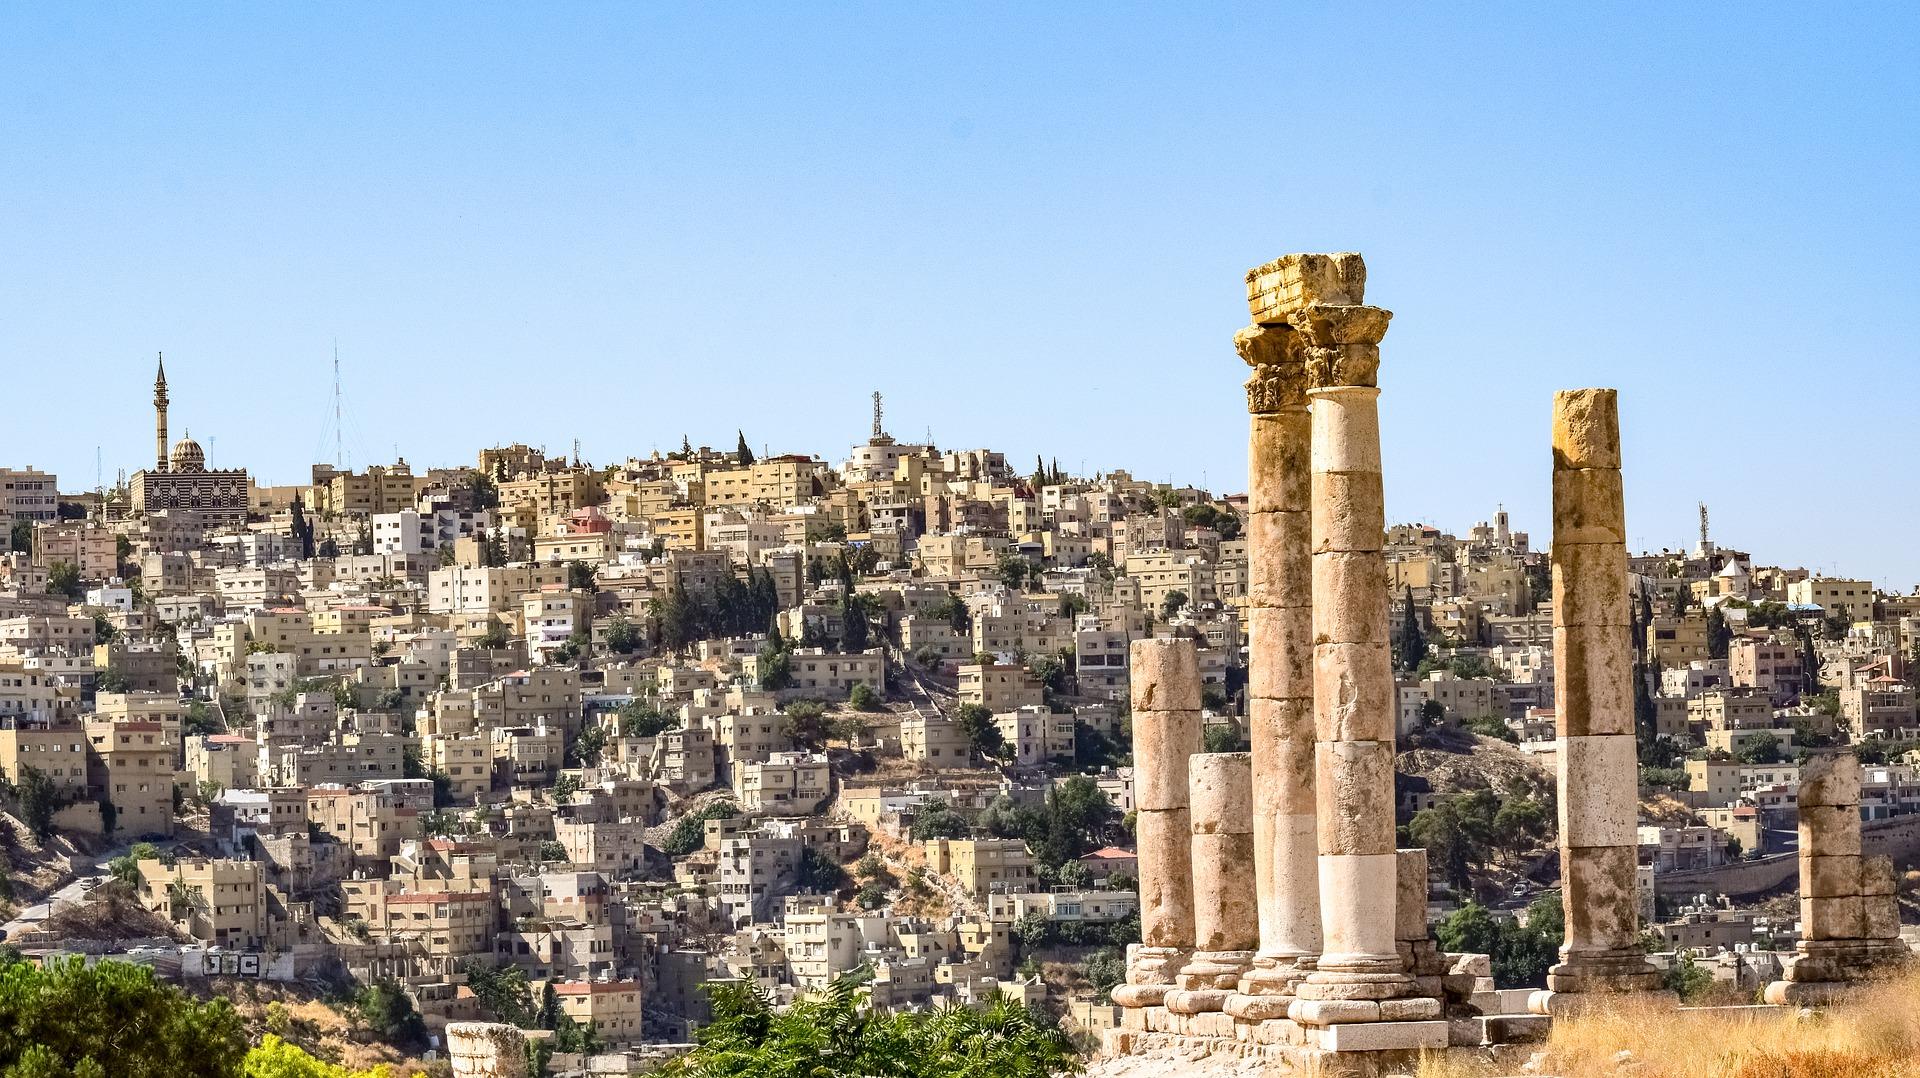 Vue sur Amman, jordanie